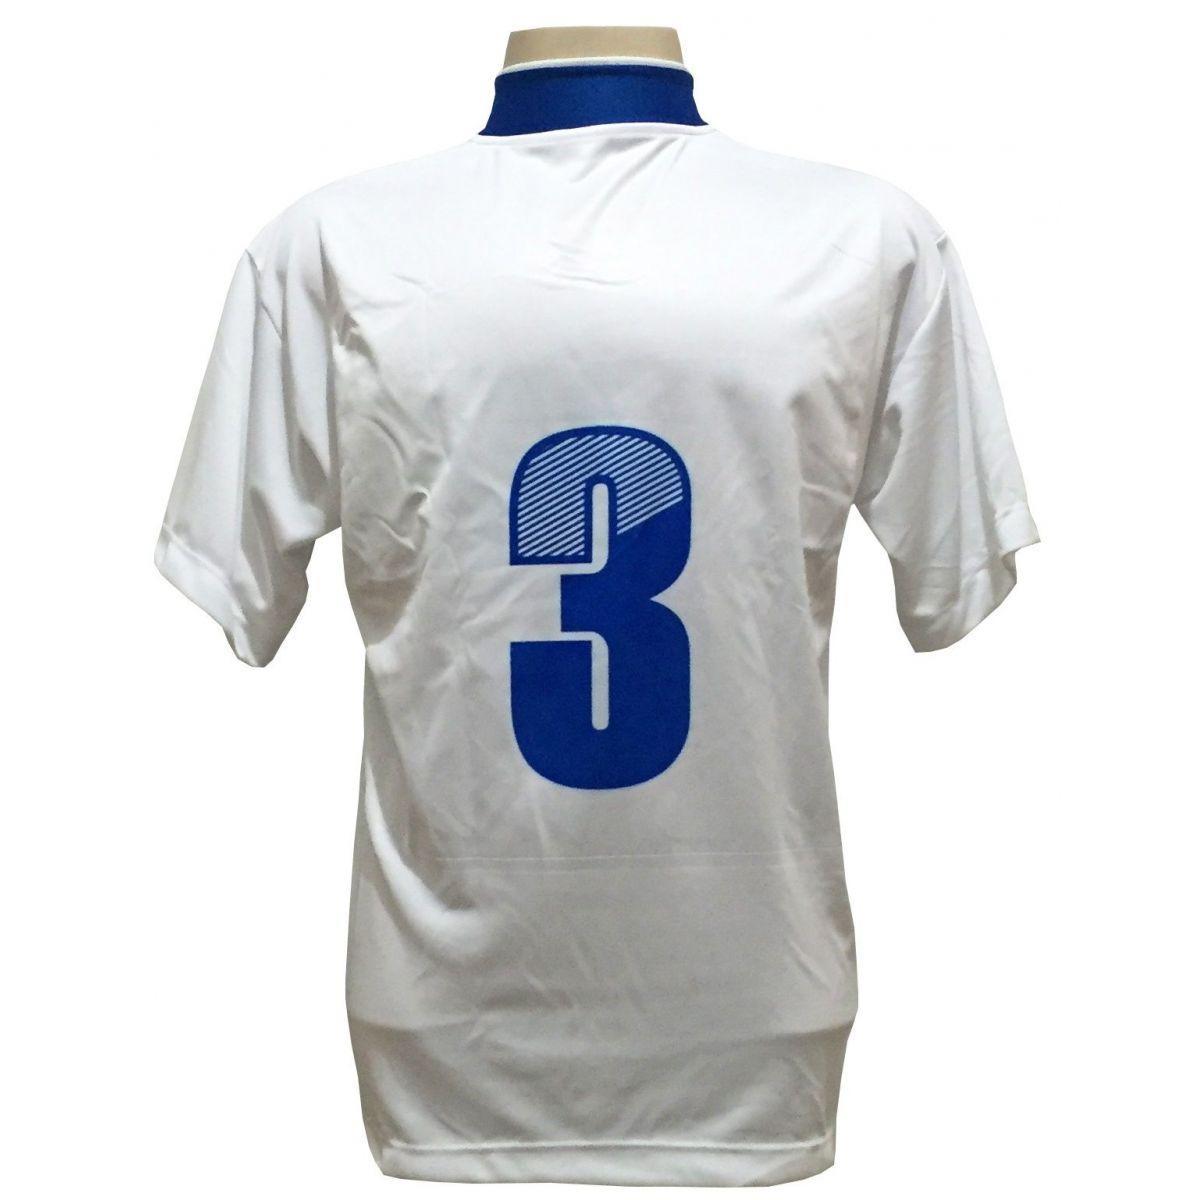 f925dea2ce63d Uniforme Esportivo com 14 camisas modelo Suécia Branco Royal + 14 calções  modelo Copa Royal Branco + 14 pares de meiões Royal - Play fair R  779